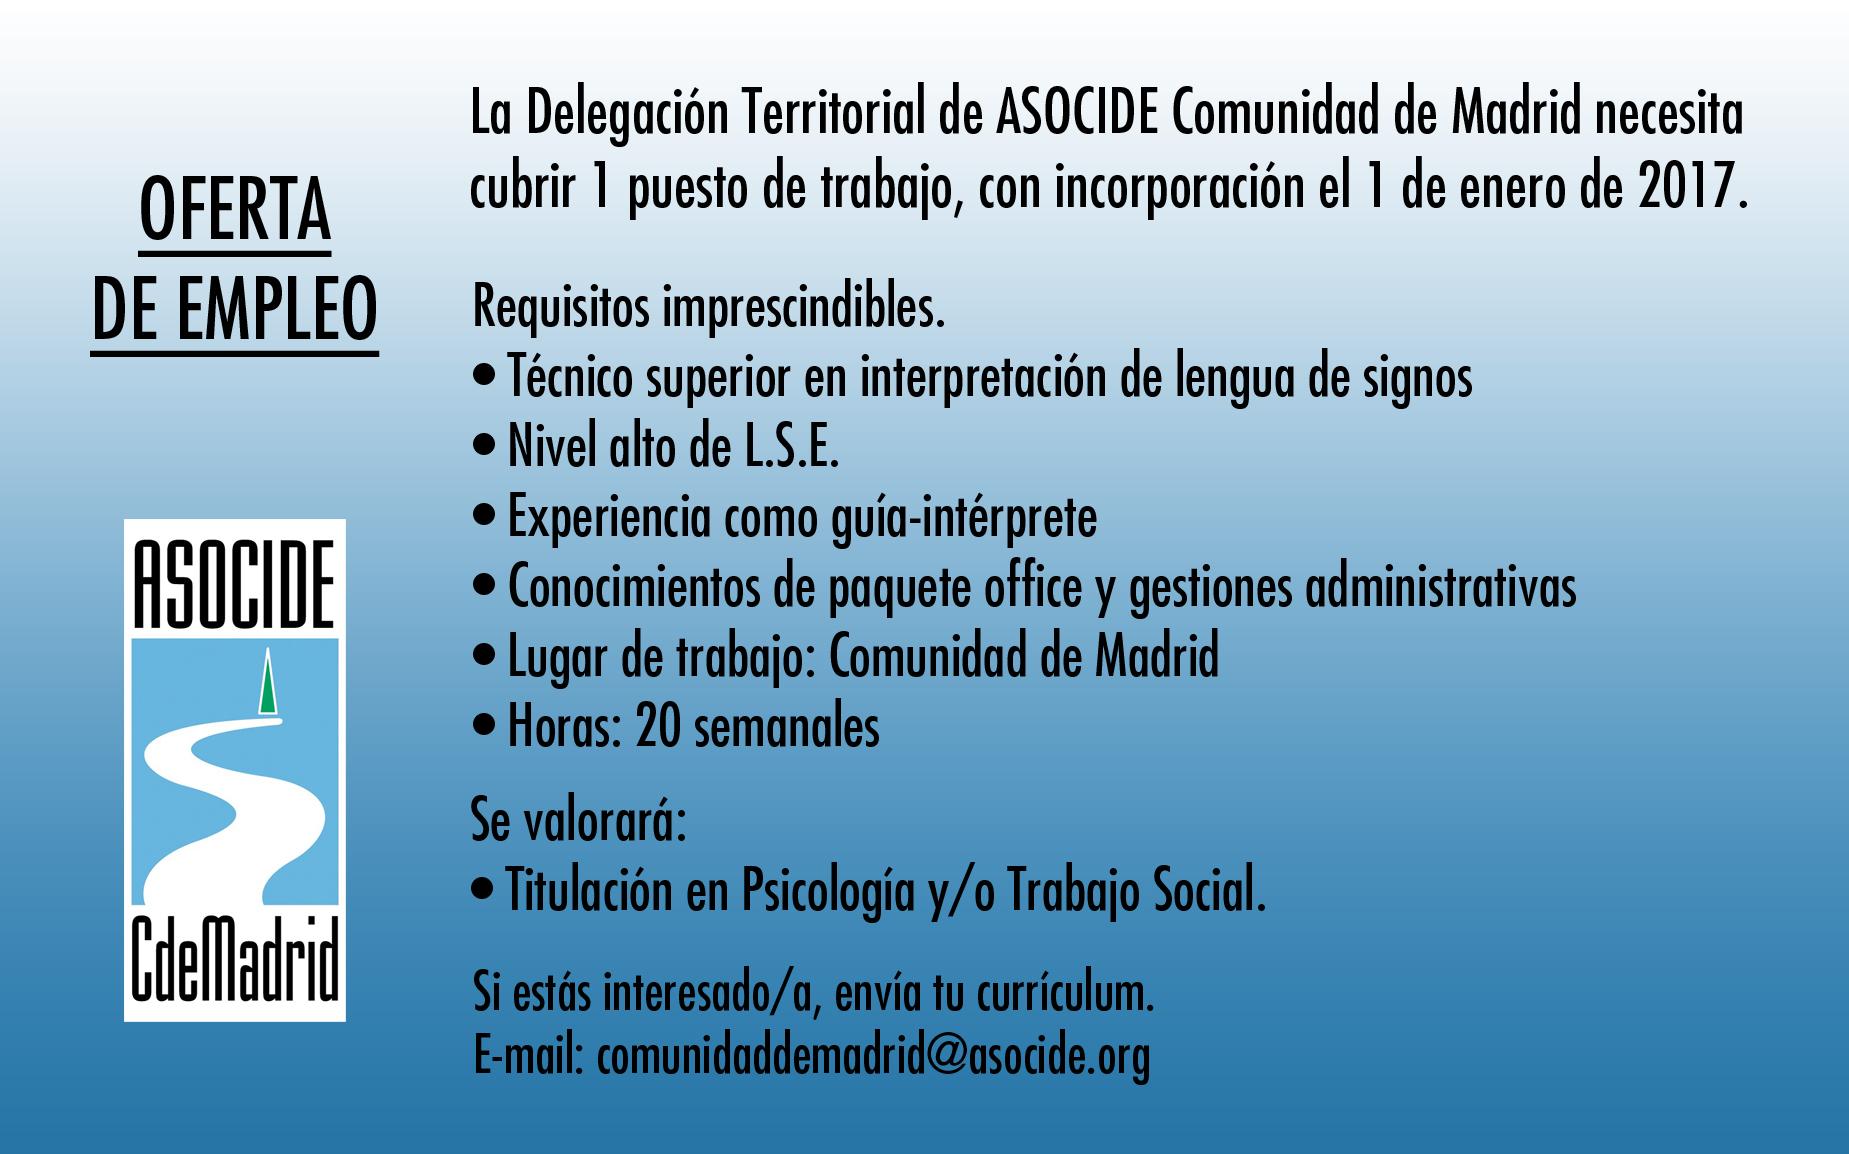 Oferta de empleo asocide comunidad de madrid asocide - Oferta de trabajo ...